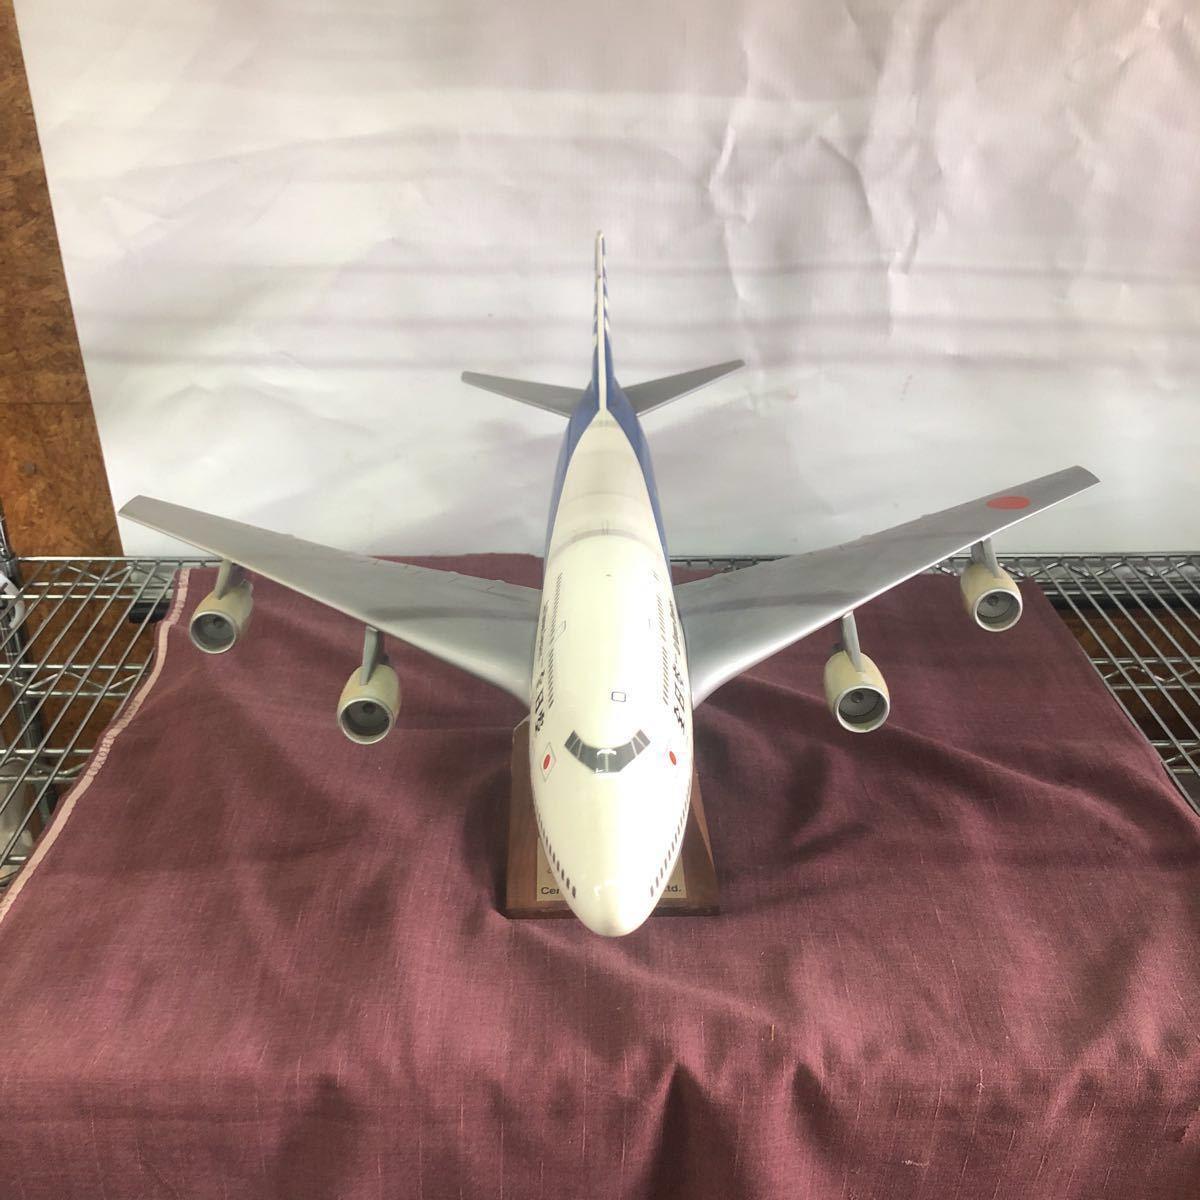 格安!売り切り!全日空 All Nippon Airways Lease Financing of Boeing 747-400 Aircraft 航空機 ボーイング 模型 置物 ANA_画像4